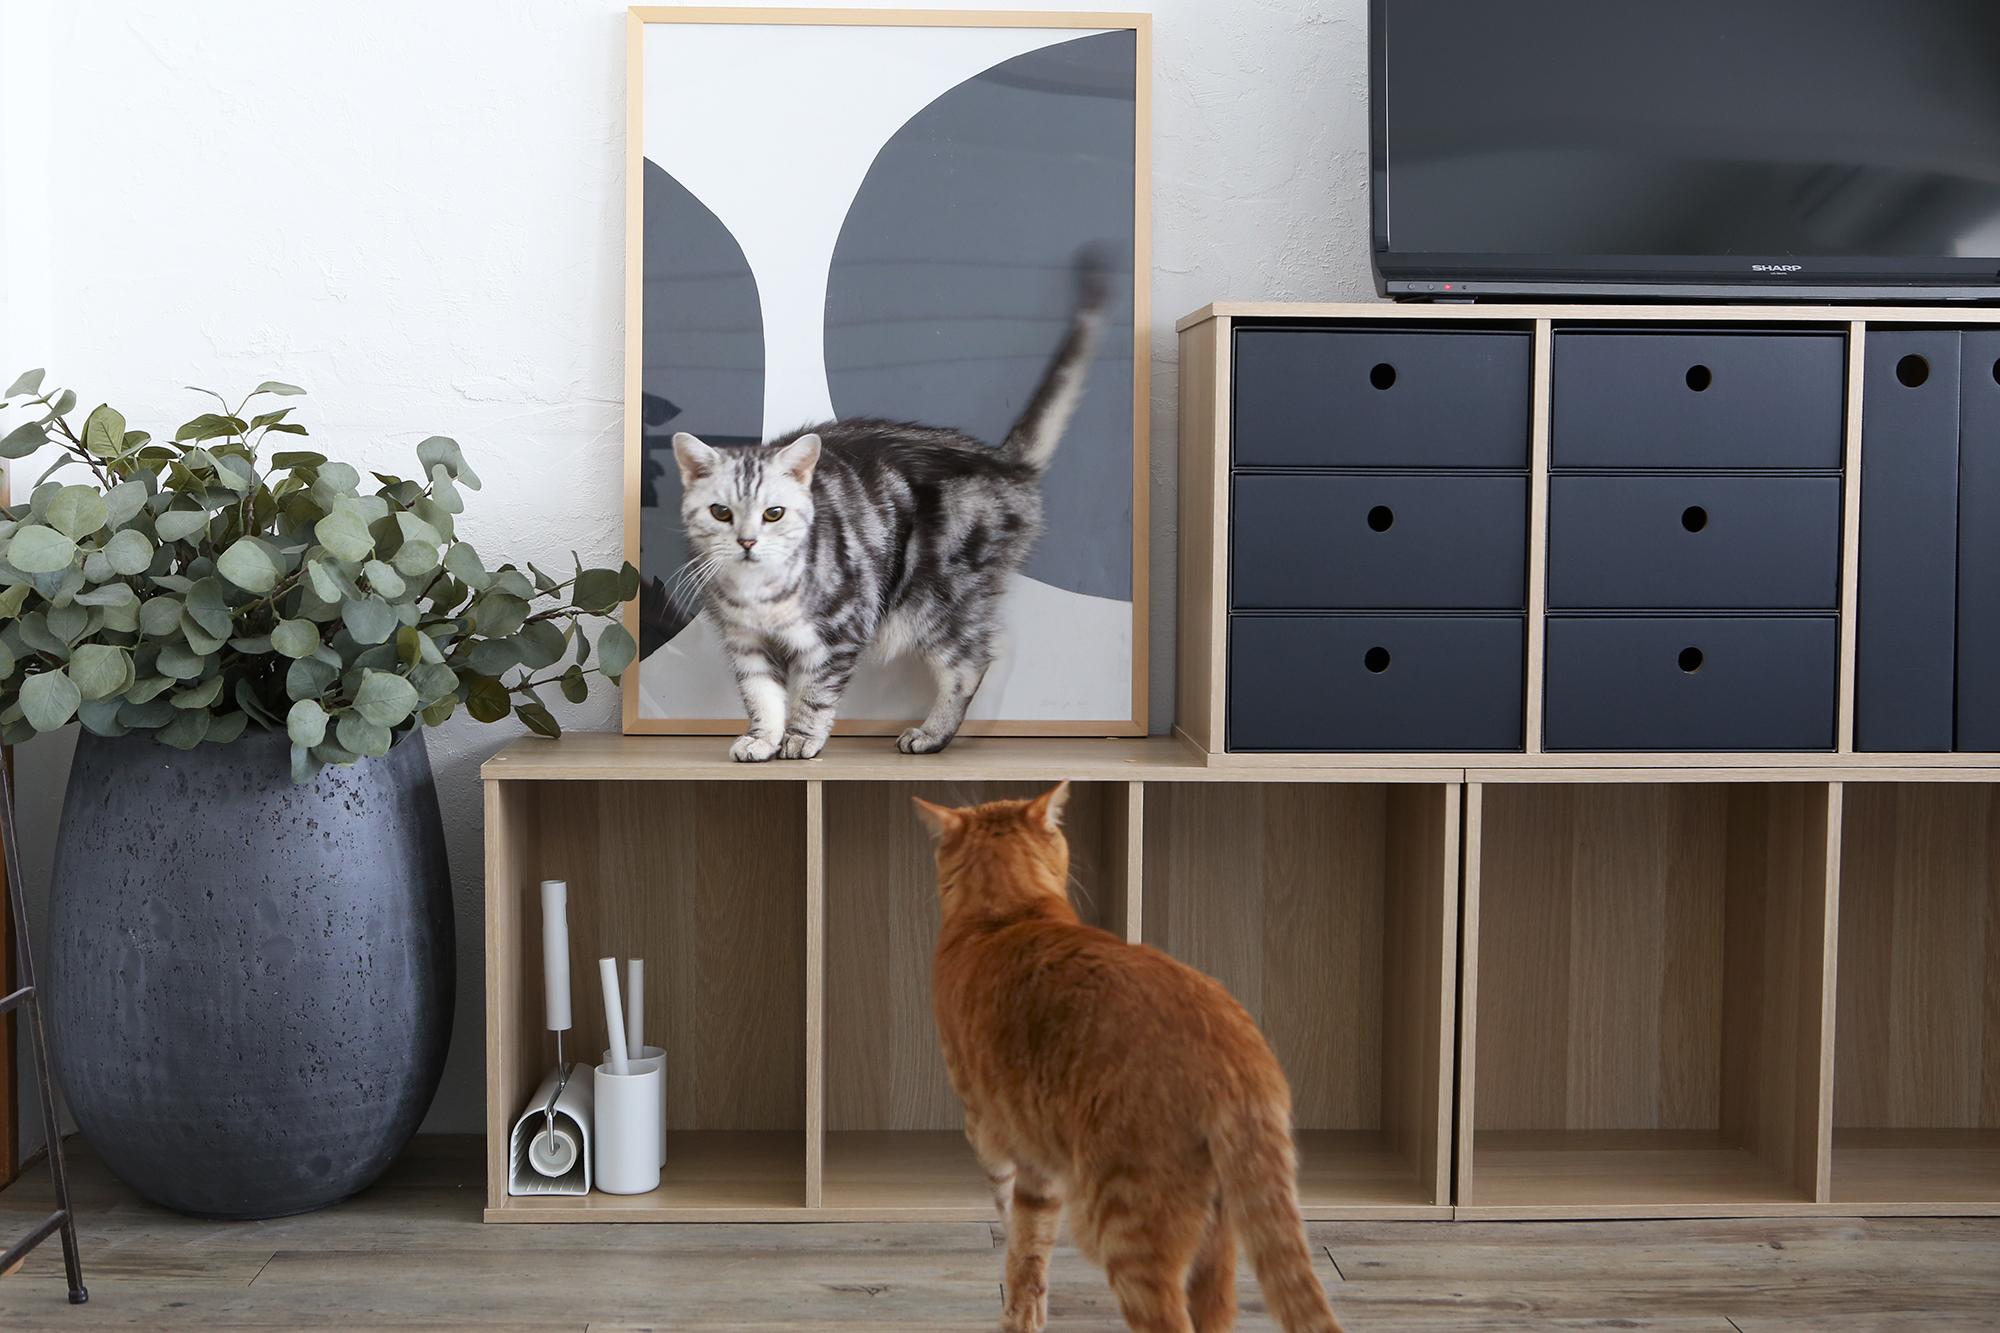 猫がいてもおしゃれな暮らしに!イタズラ防止&安心安全なインテリアや収納のアイデア